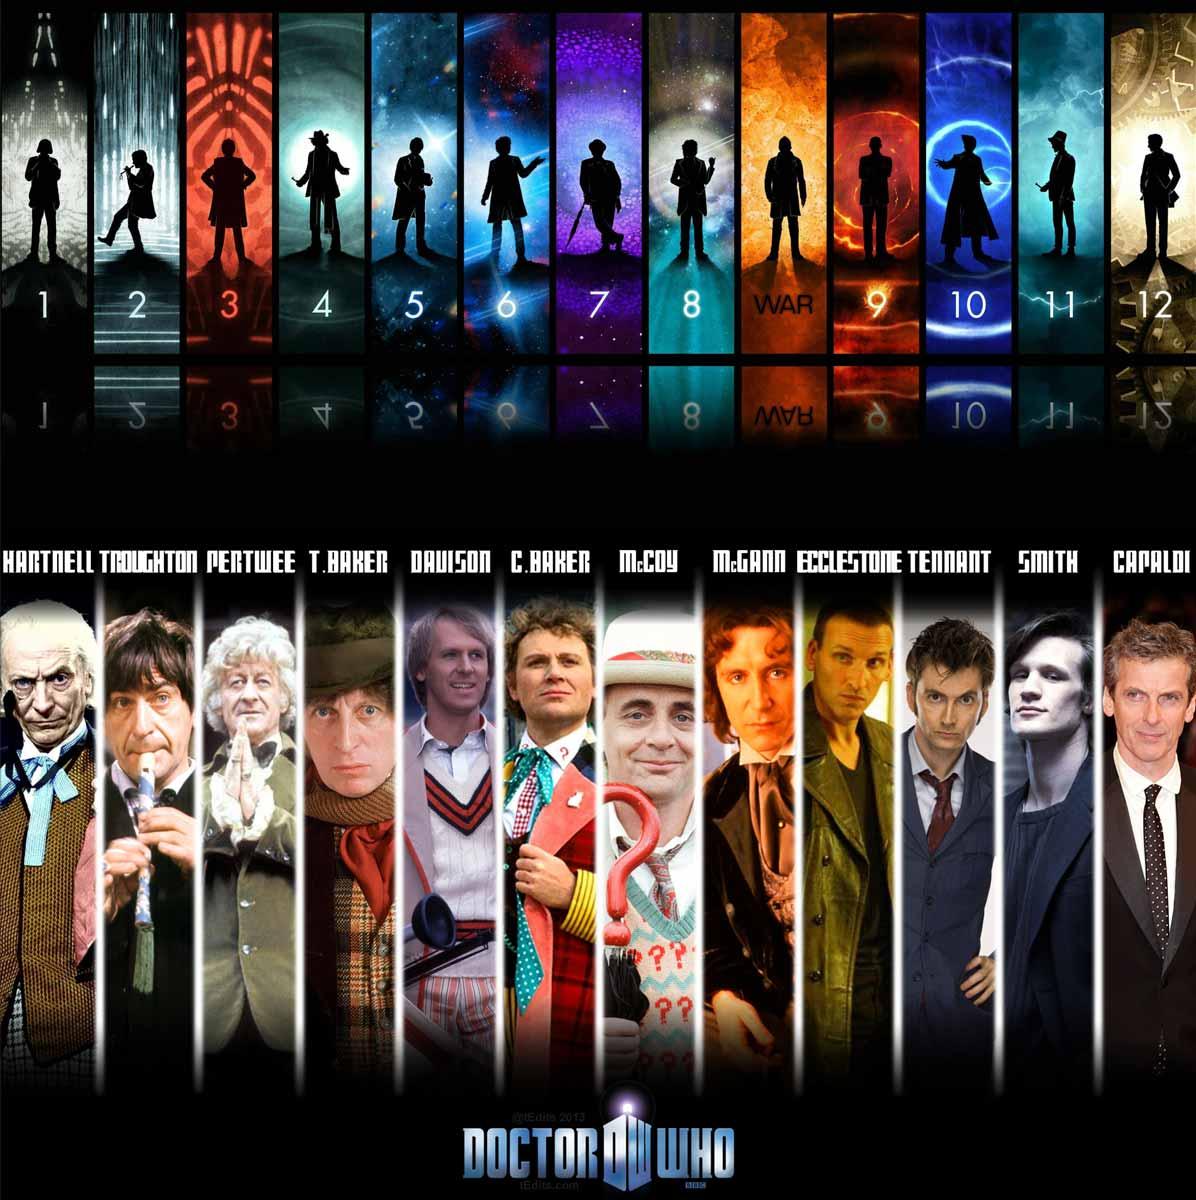 30 bộ phim truyền hình Mỹ được yêu thích nhất thế giới (Phần 1). Biểu tượng truyền  hình Anh Quốc và là cảm hứng cho nhiều phim có yếu tố xuyên không sau này